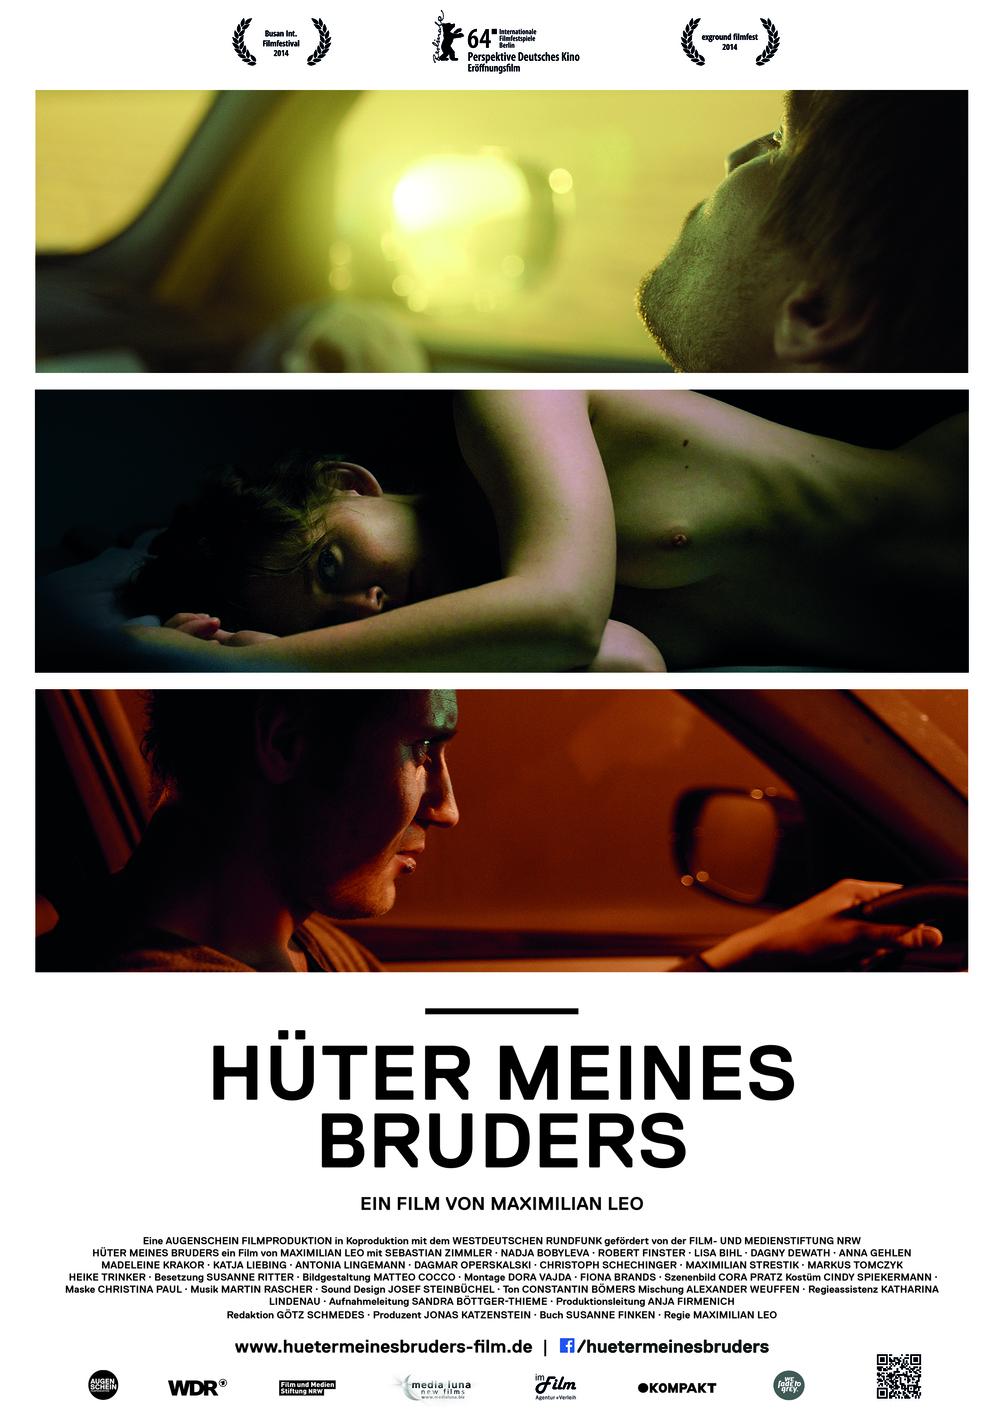 2015_Hueter_meines_Bruders_augenschein_Filmproduktion.jpg